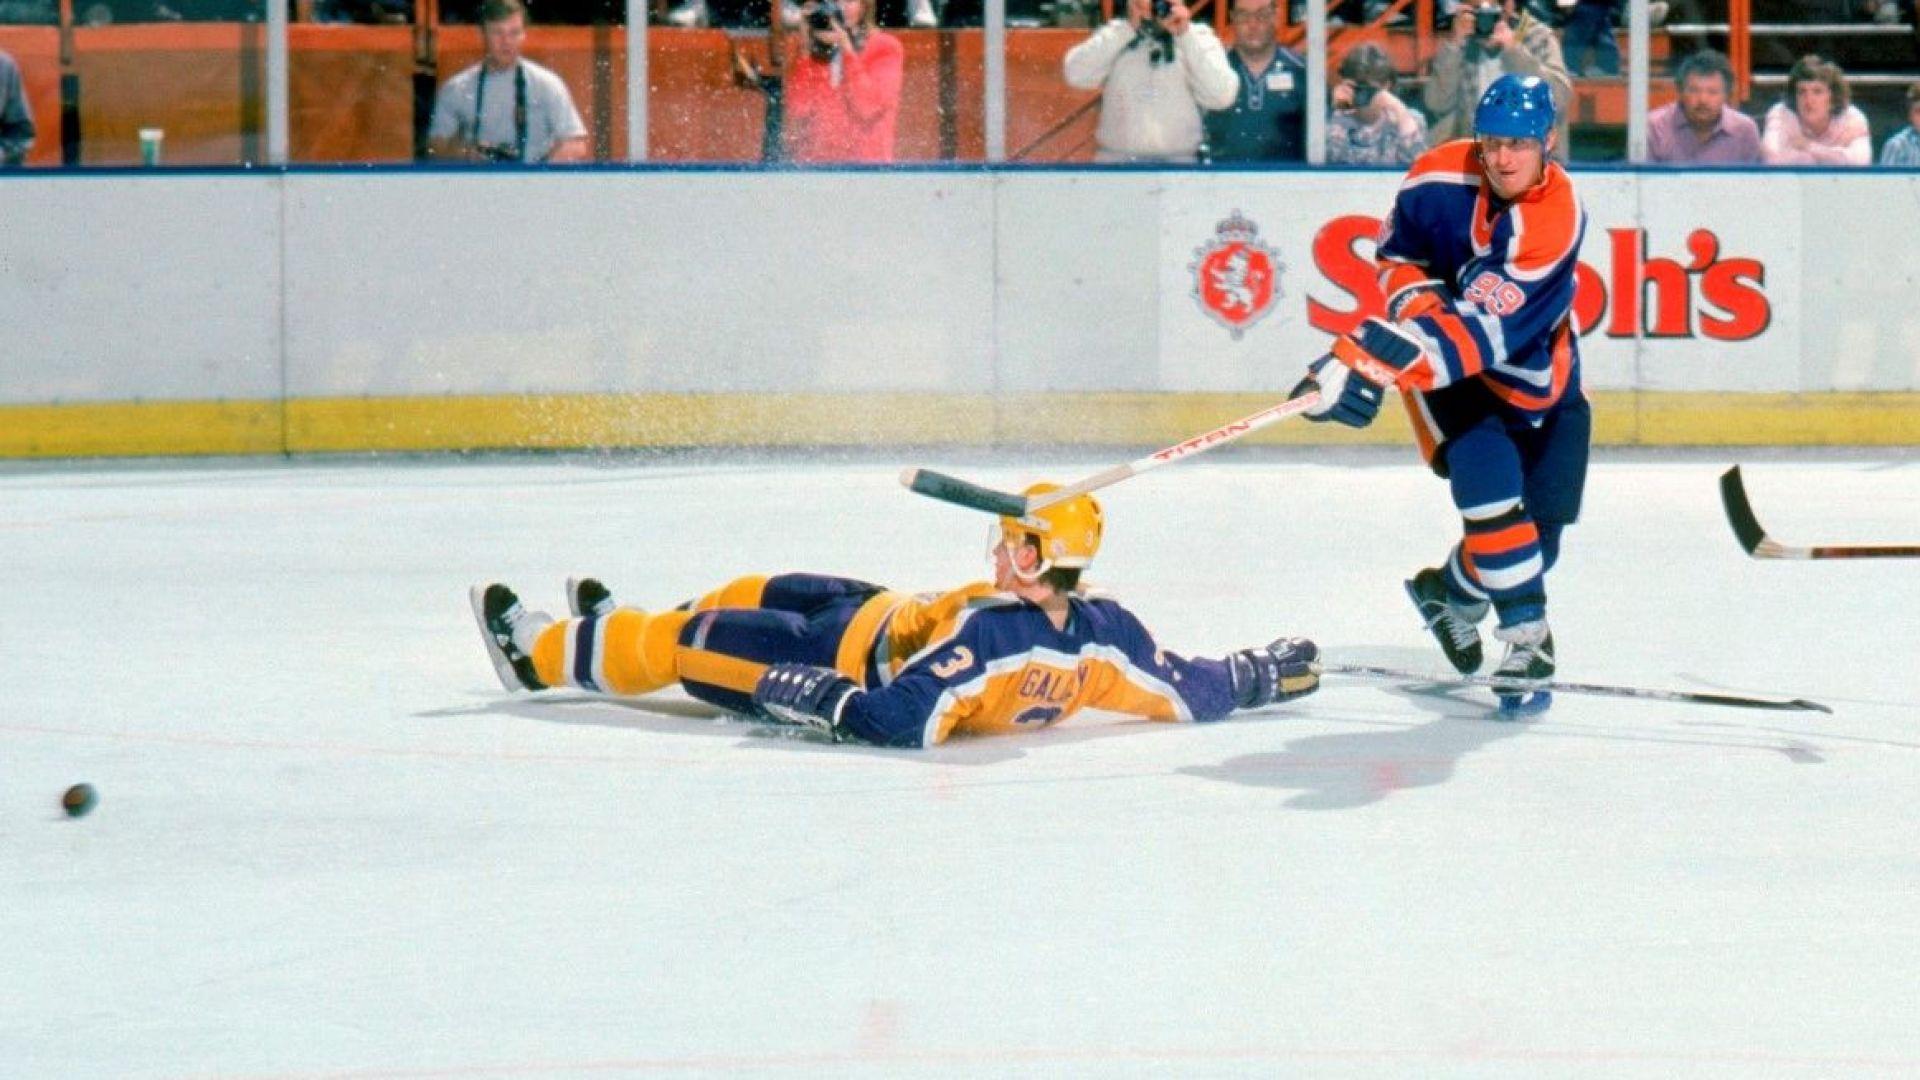 Рекорд: Продадоха картичка на хокейната легенда Уейн Грецки за $1.3 милиона